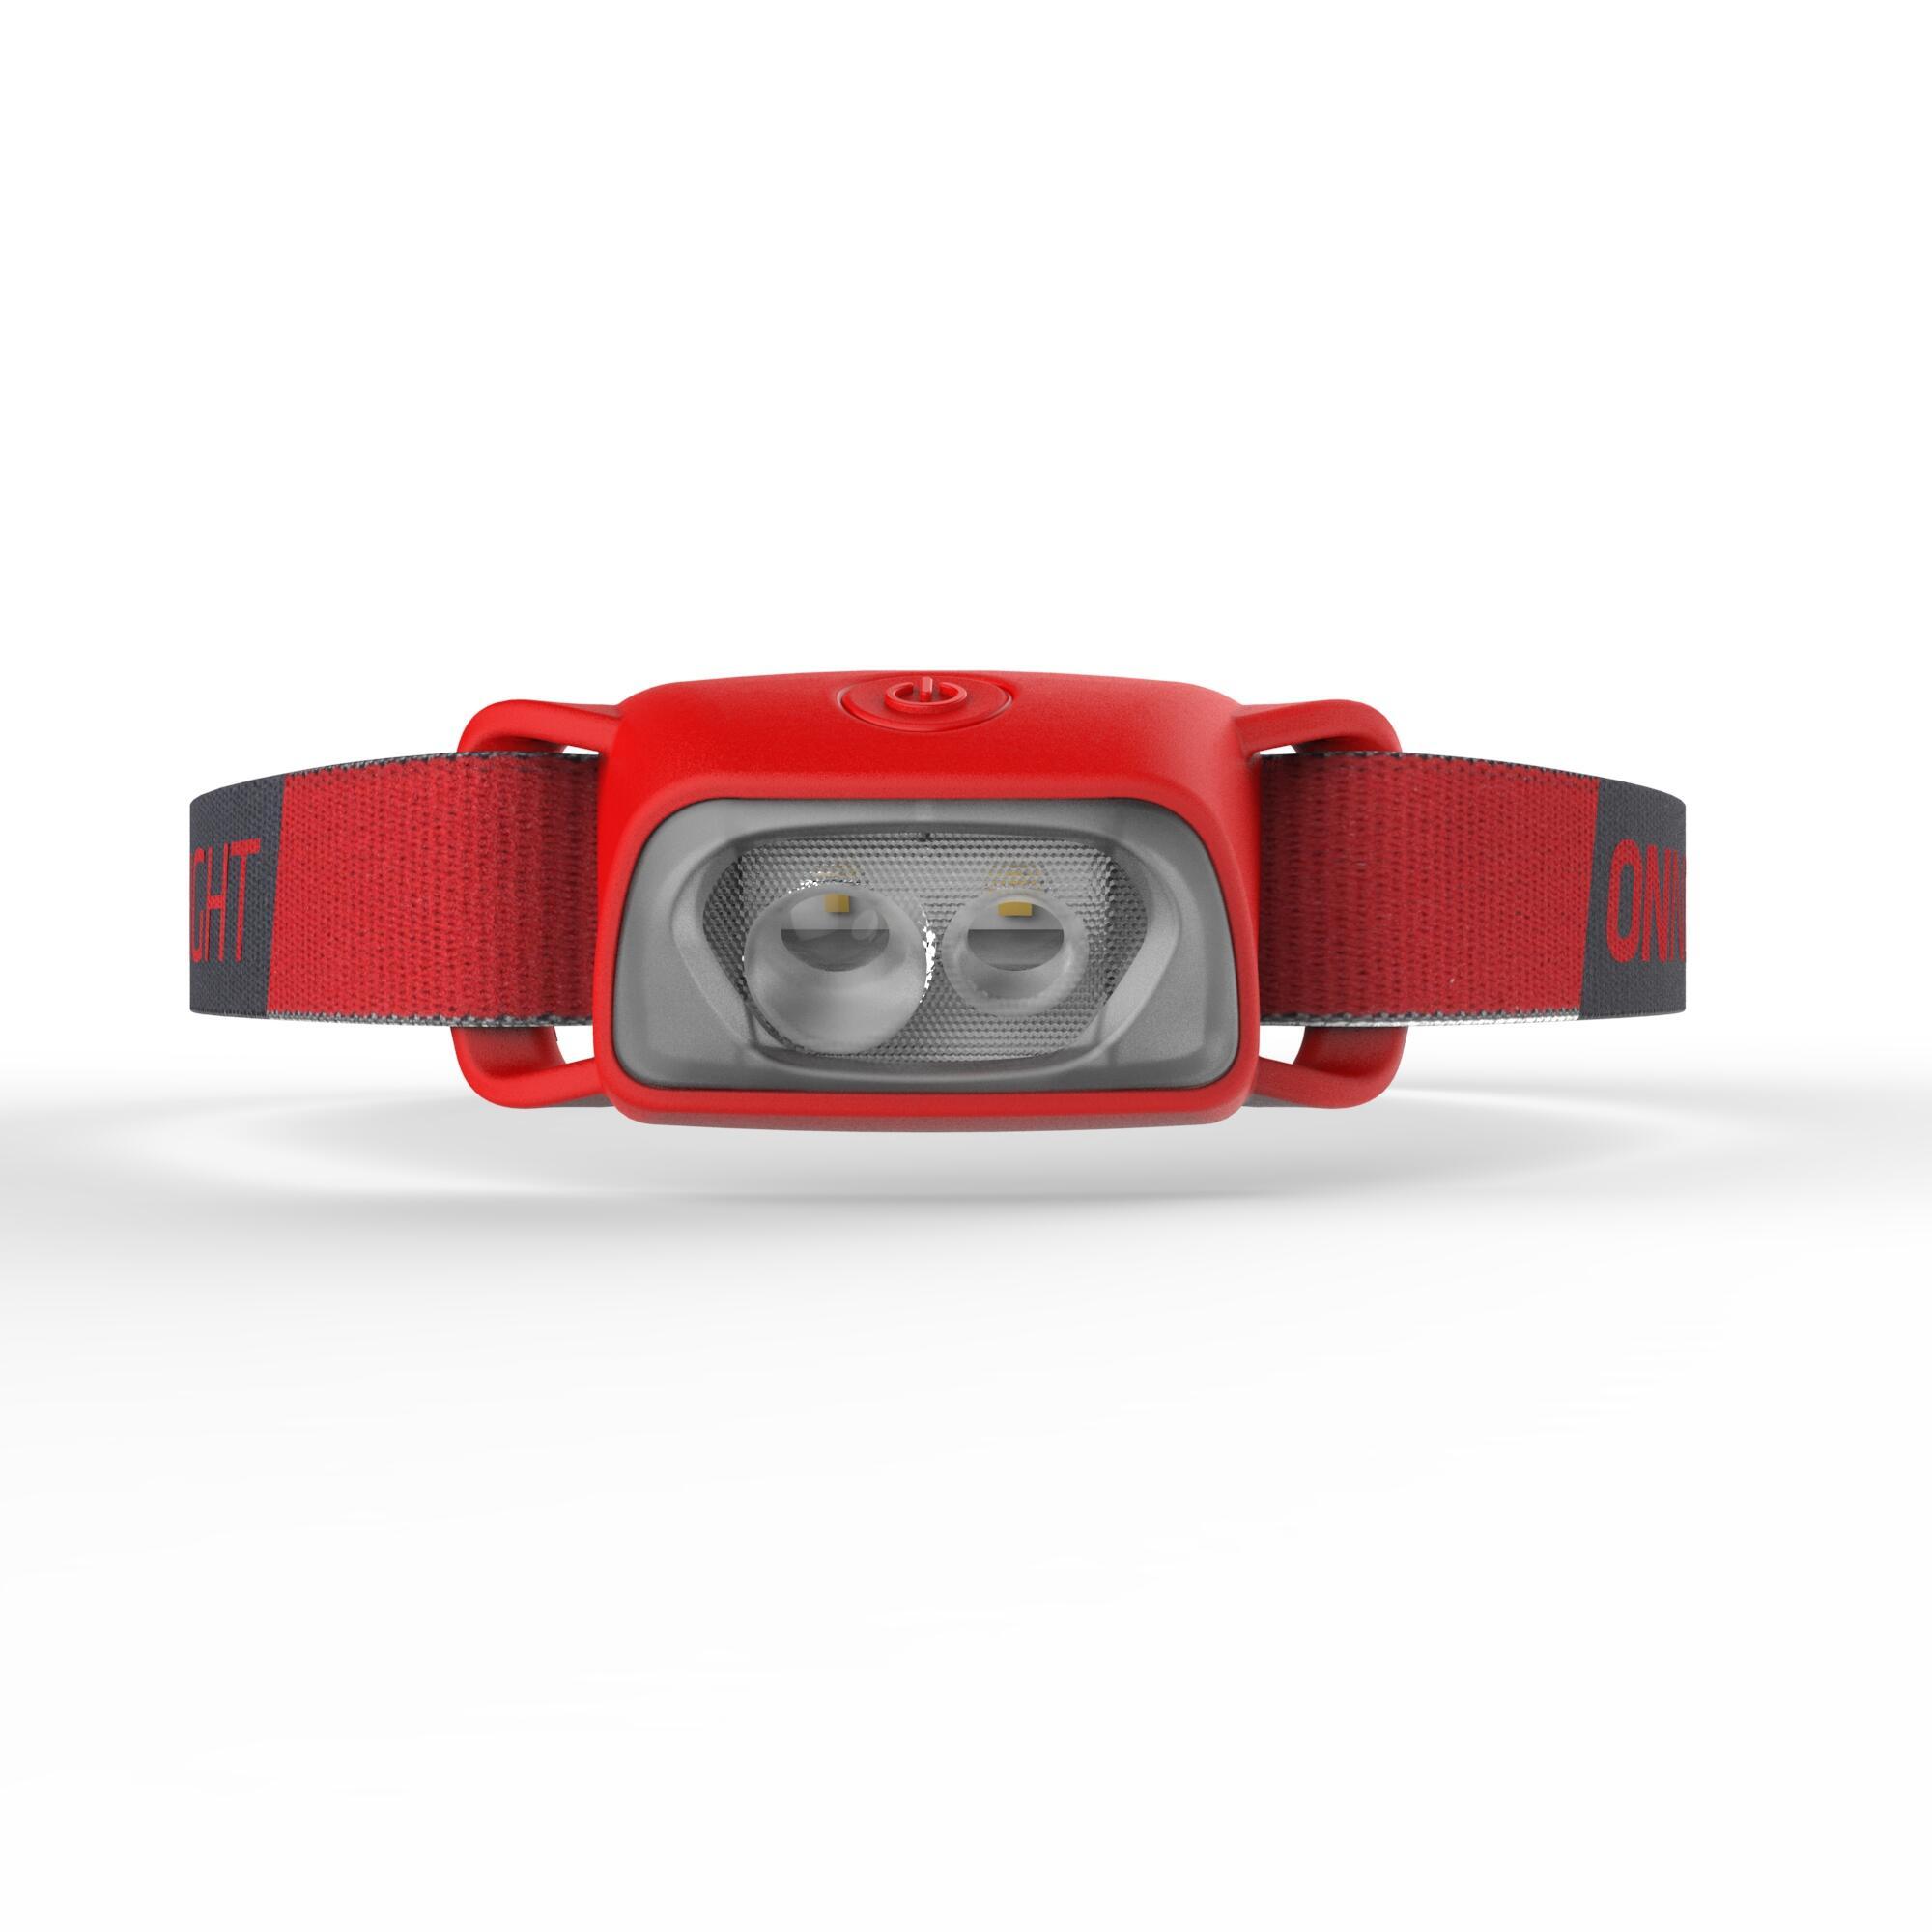 Onnight 100 - 80 lumens Trekking Head Torch - Red